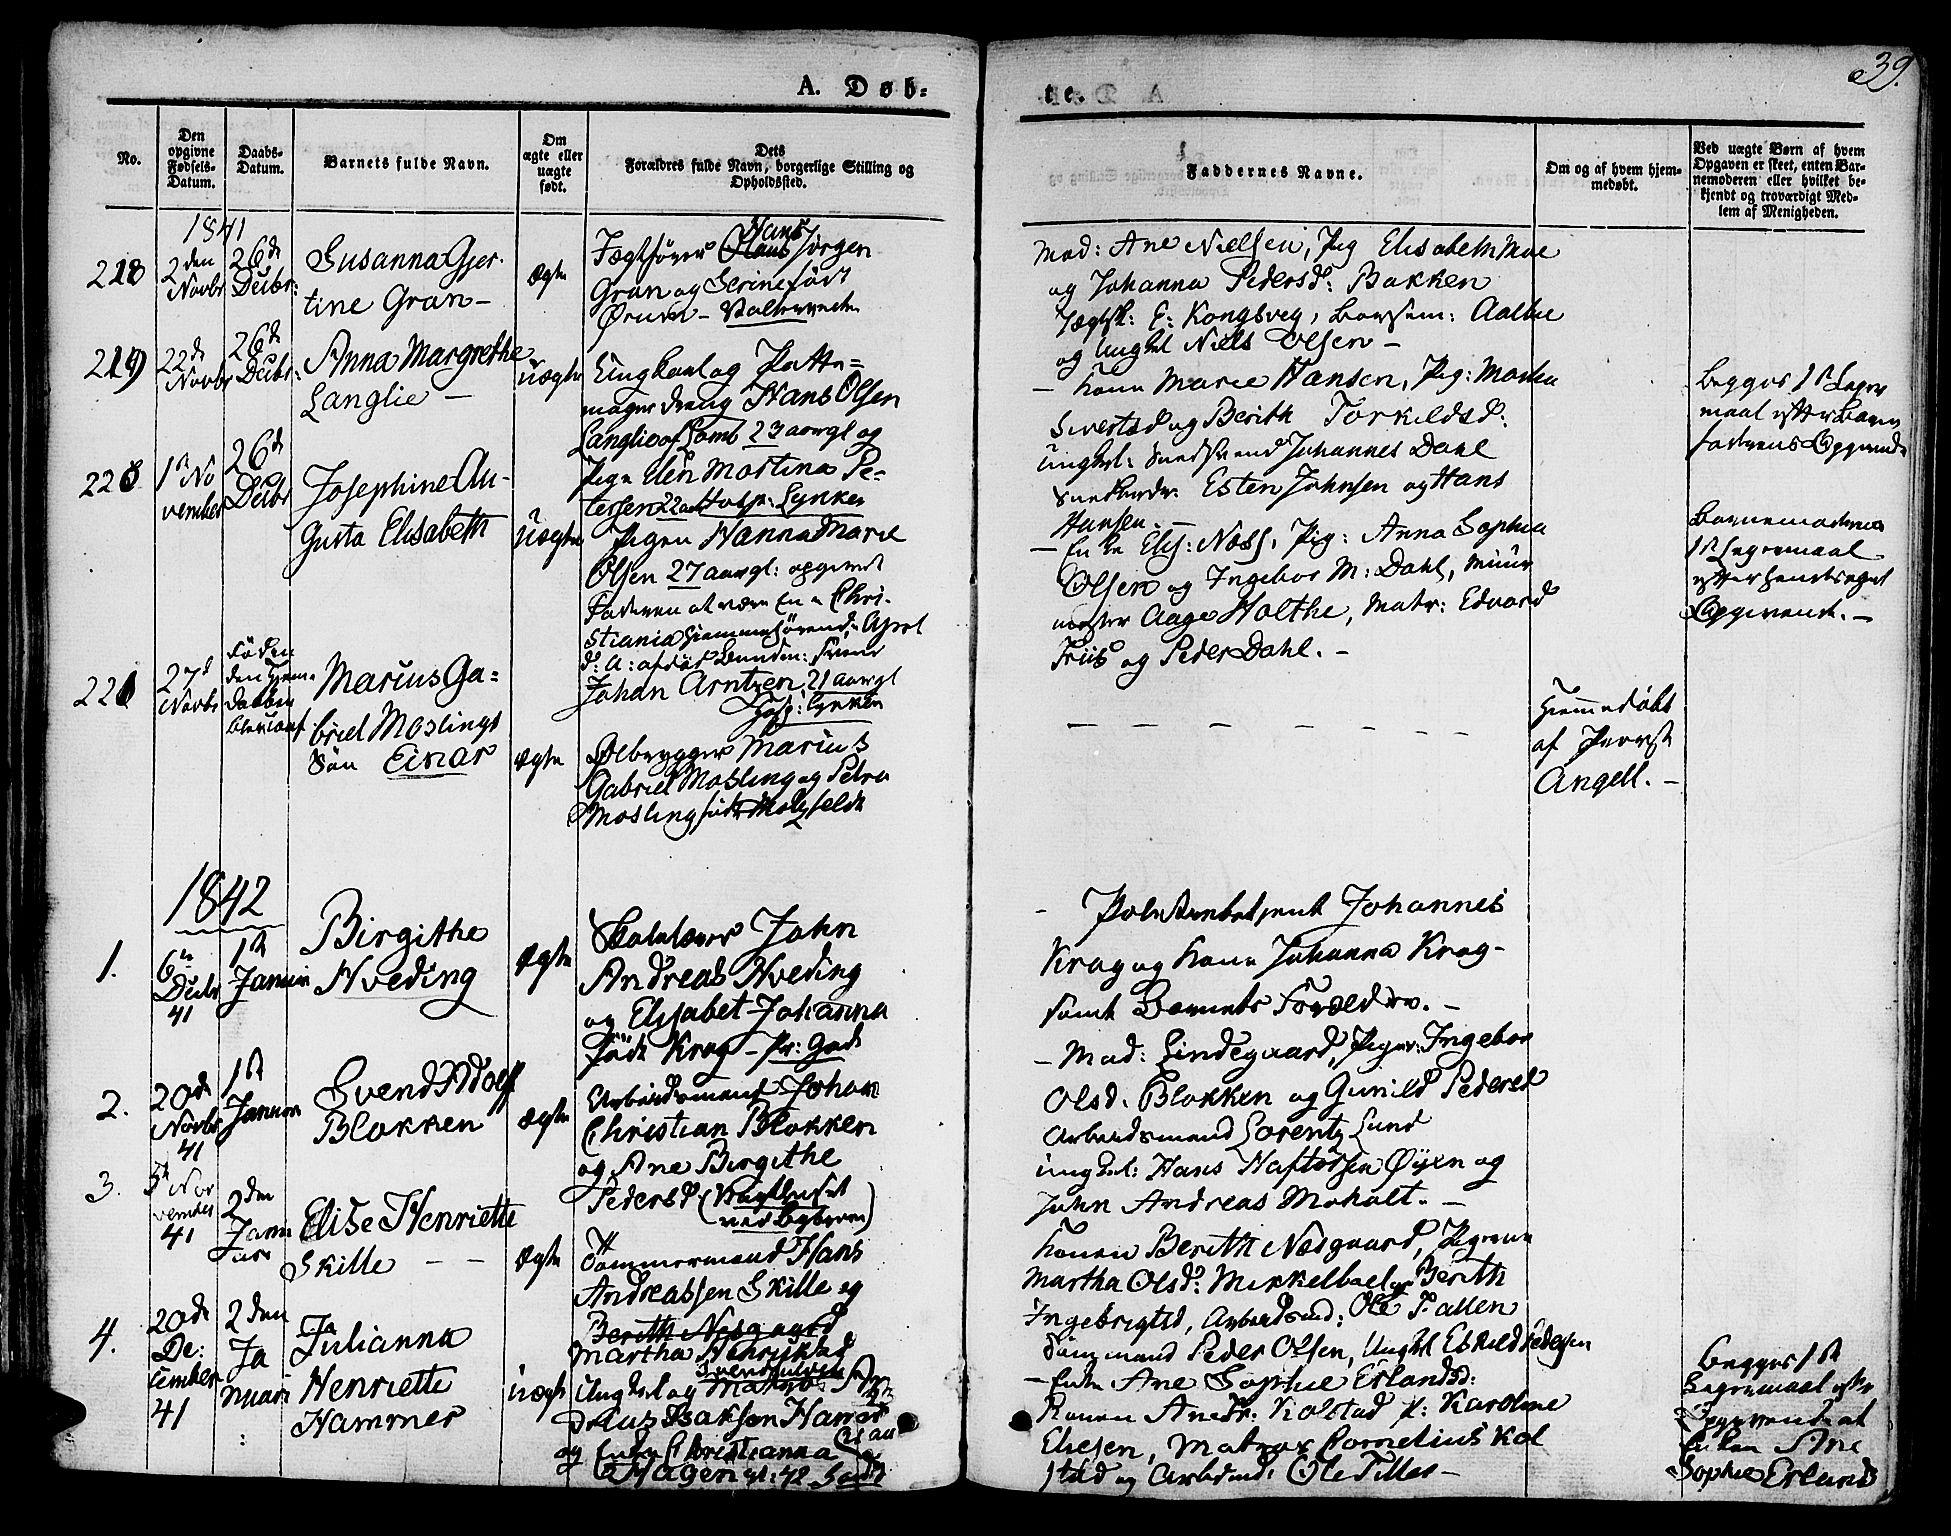 SAT, Ministerialprotokoller, klokkerbøker og fødselsregistre - Sør-Trøndelag, 601/L0048: Ministerialbok nr. 601A16, 1840-1847, s. 39